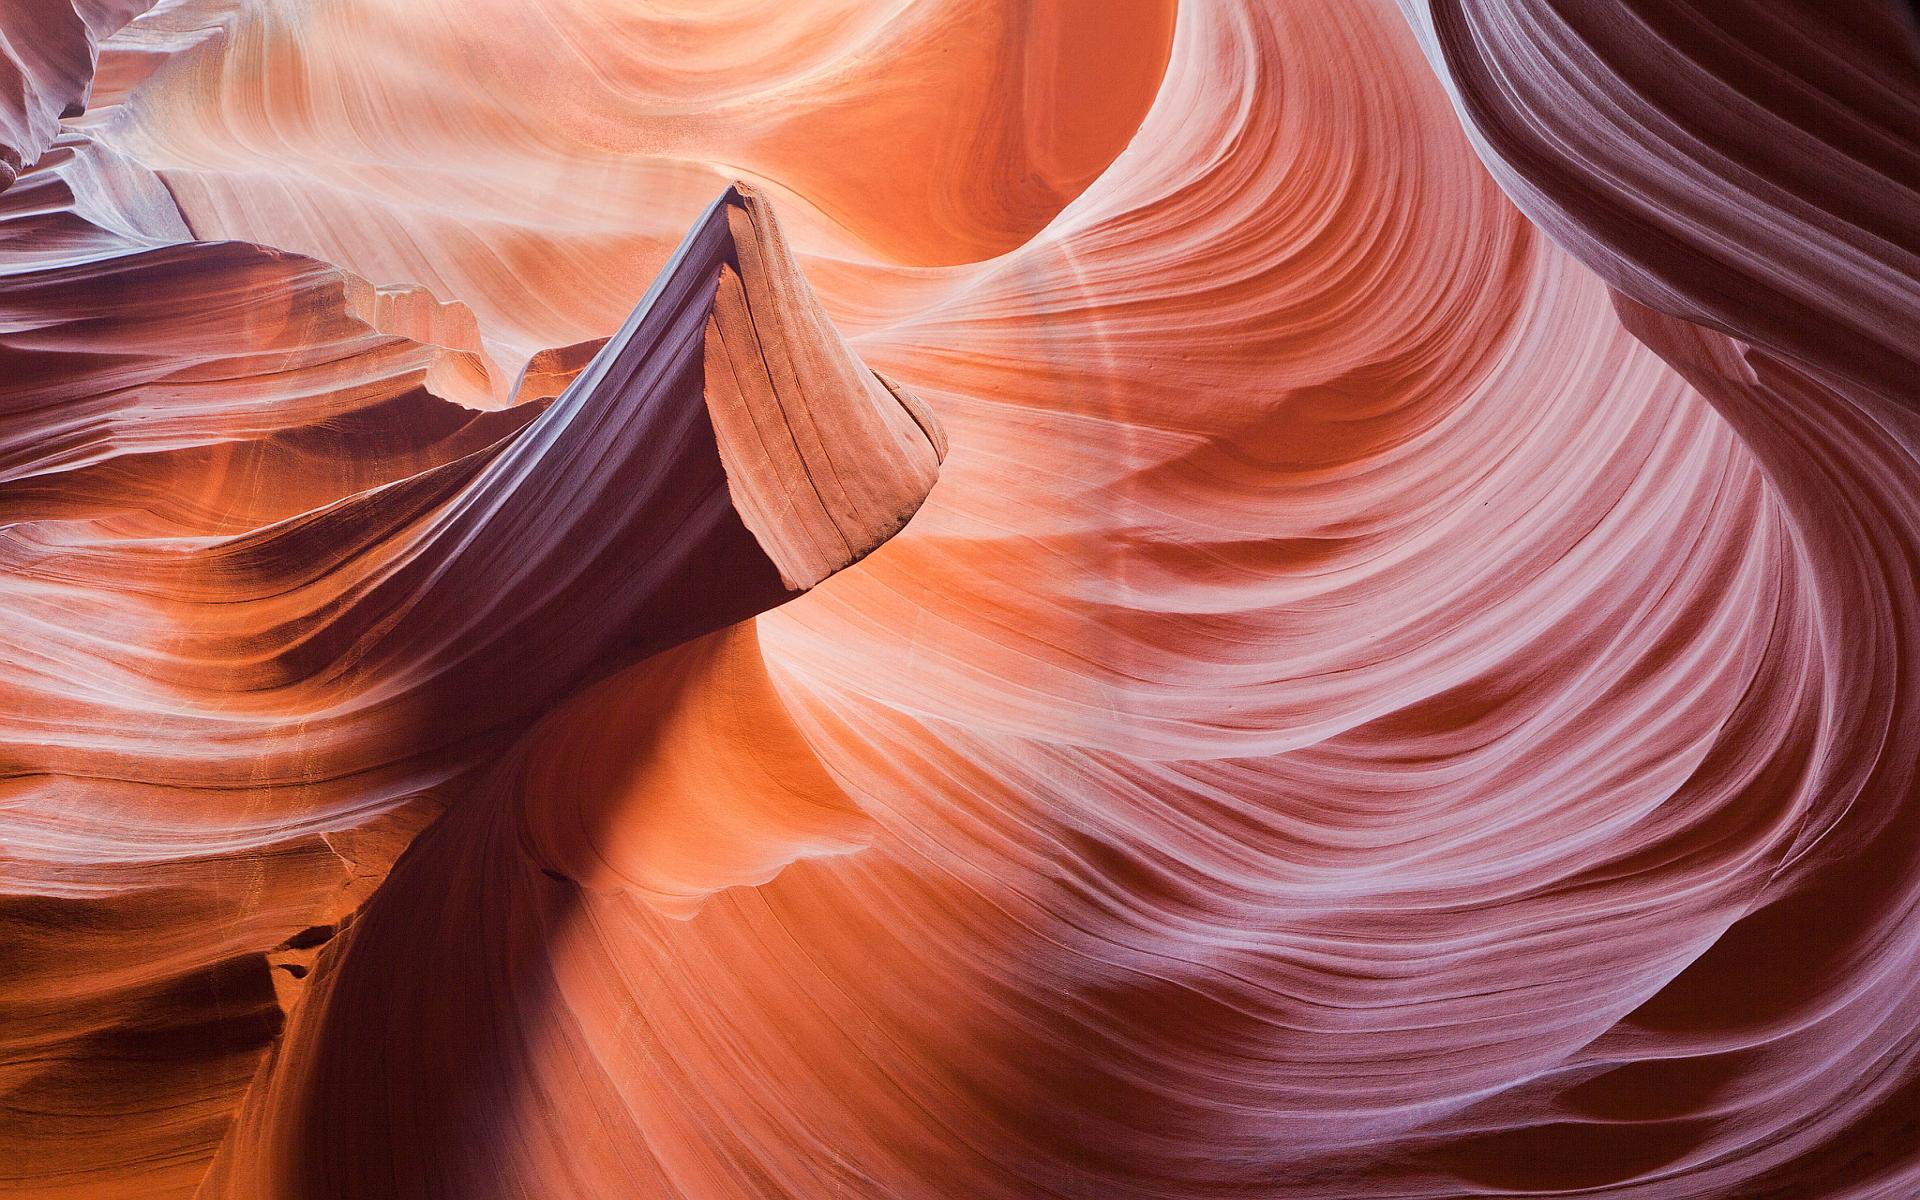 arizona canyon images